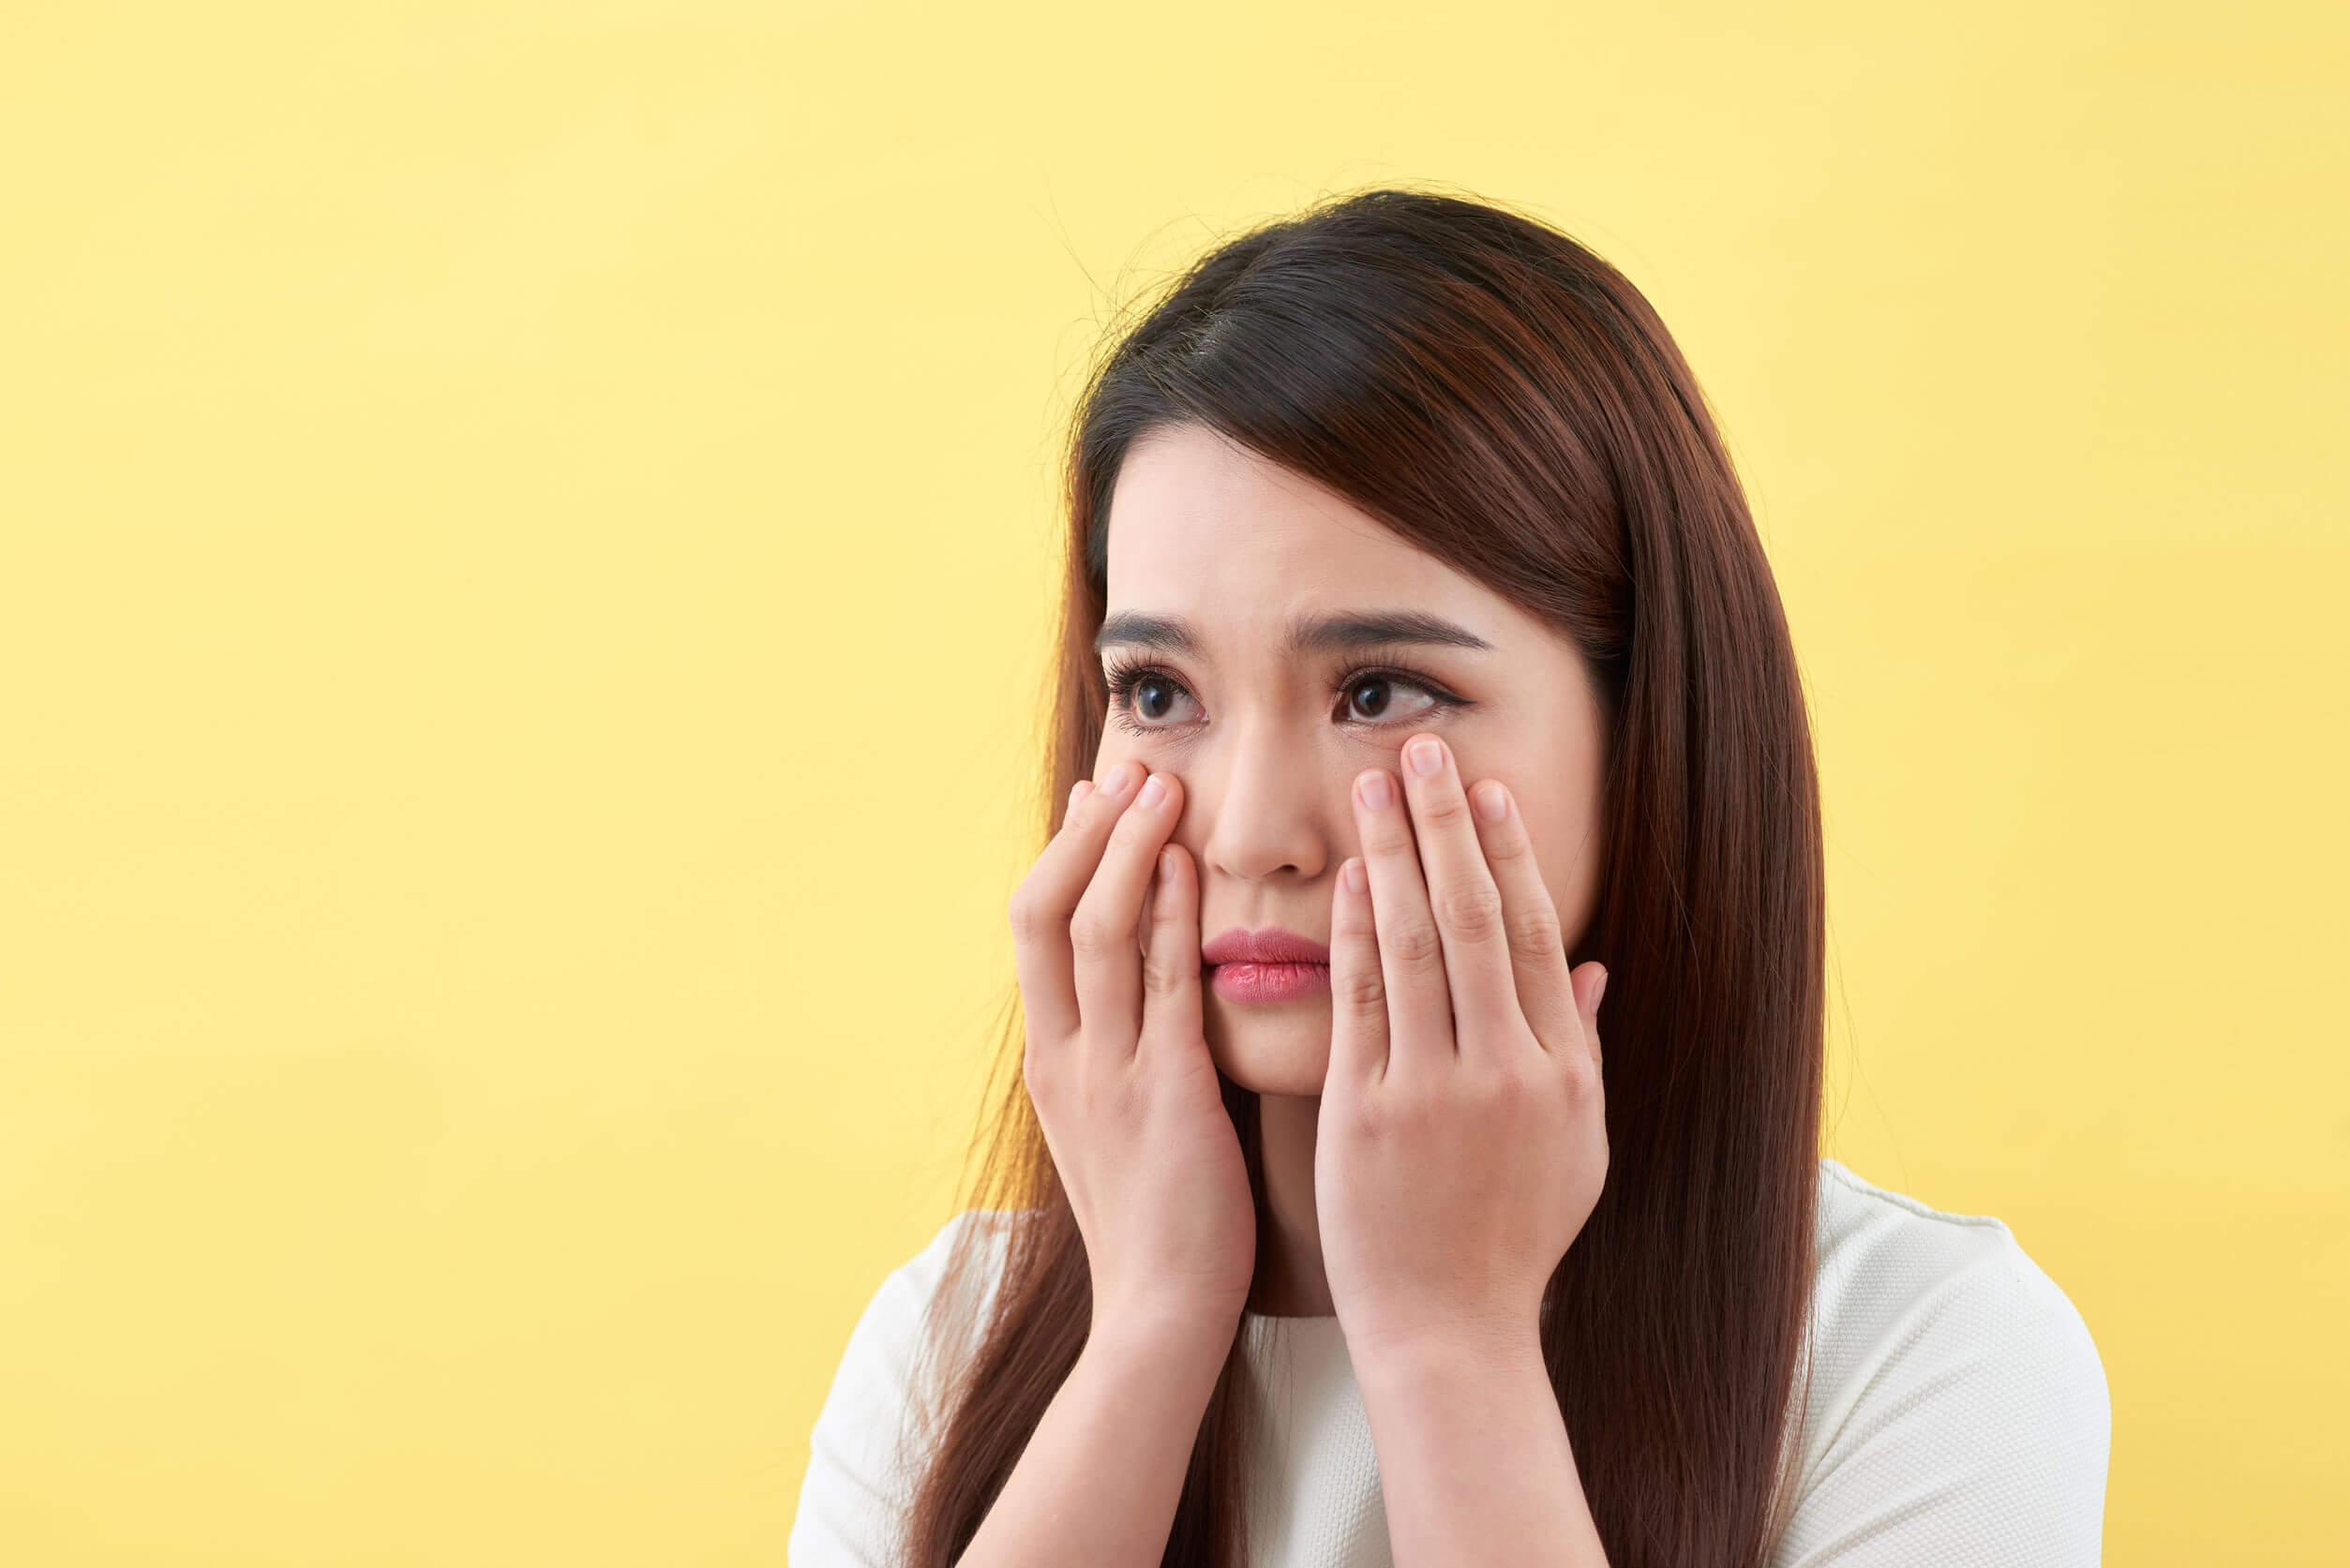 Os sinais e sintomas da acne são diversos